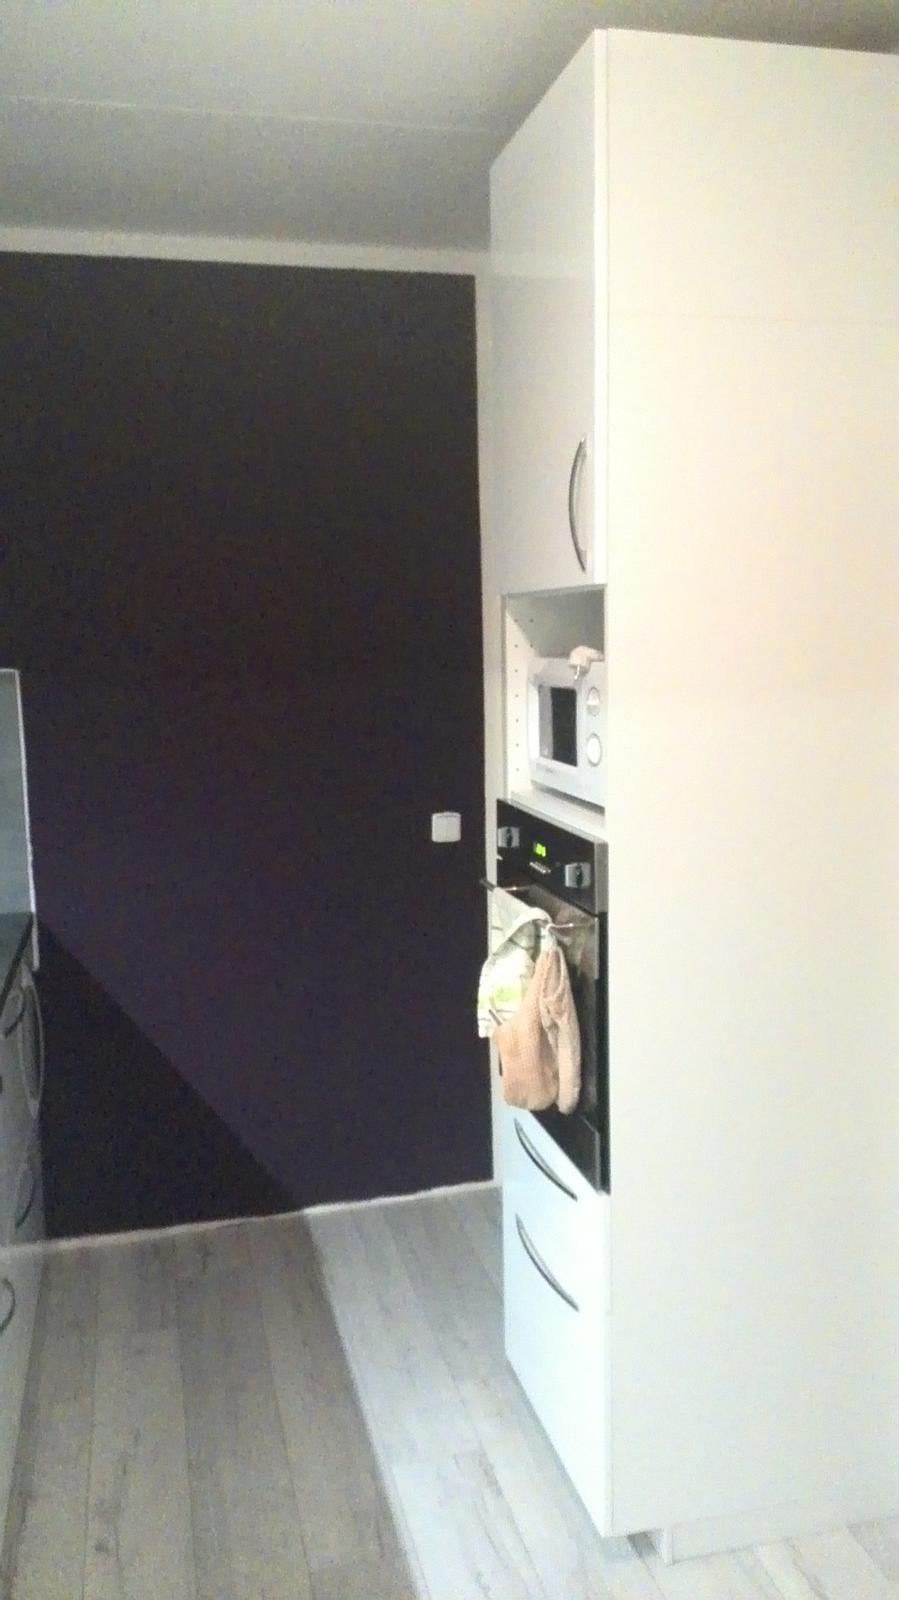 Rekonstrukne naší kuchyně - Obrázek č. 11